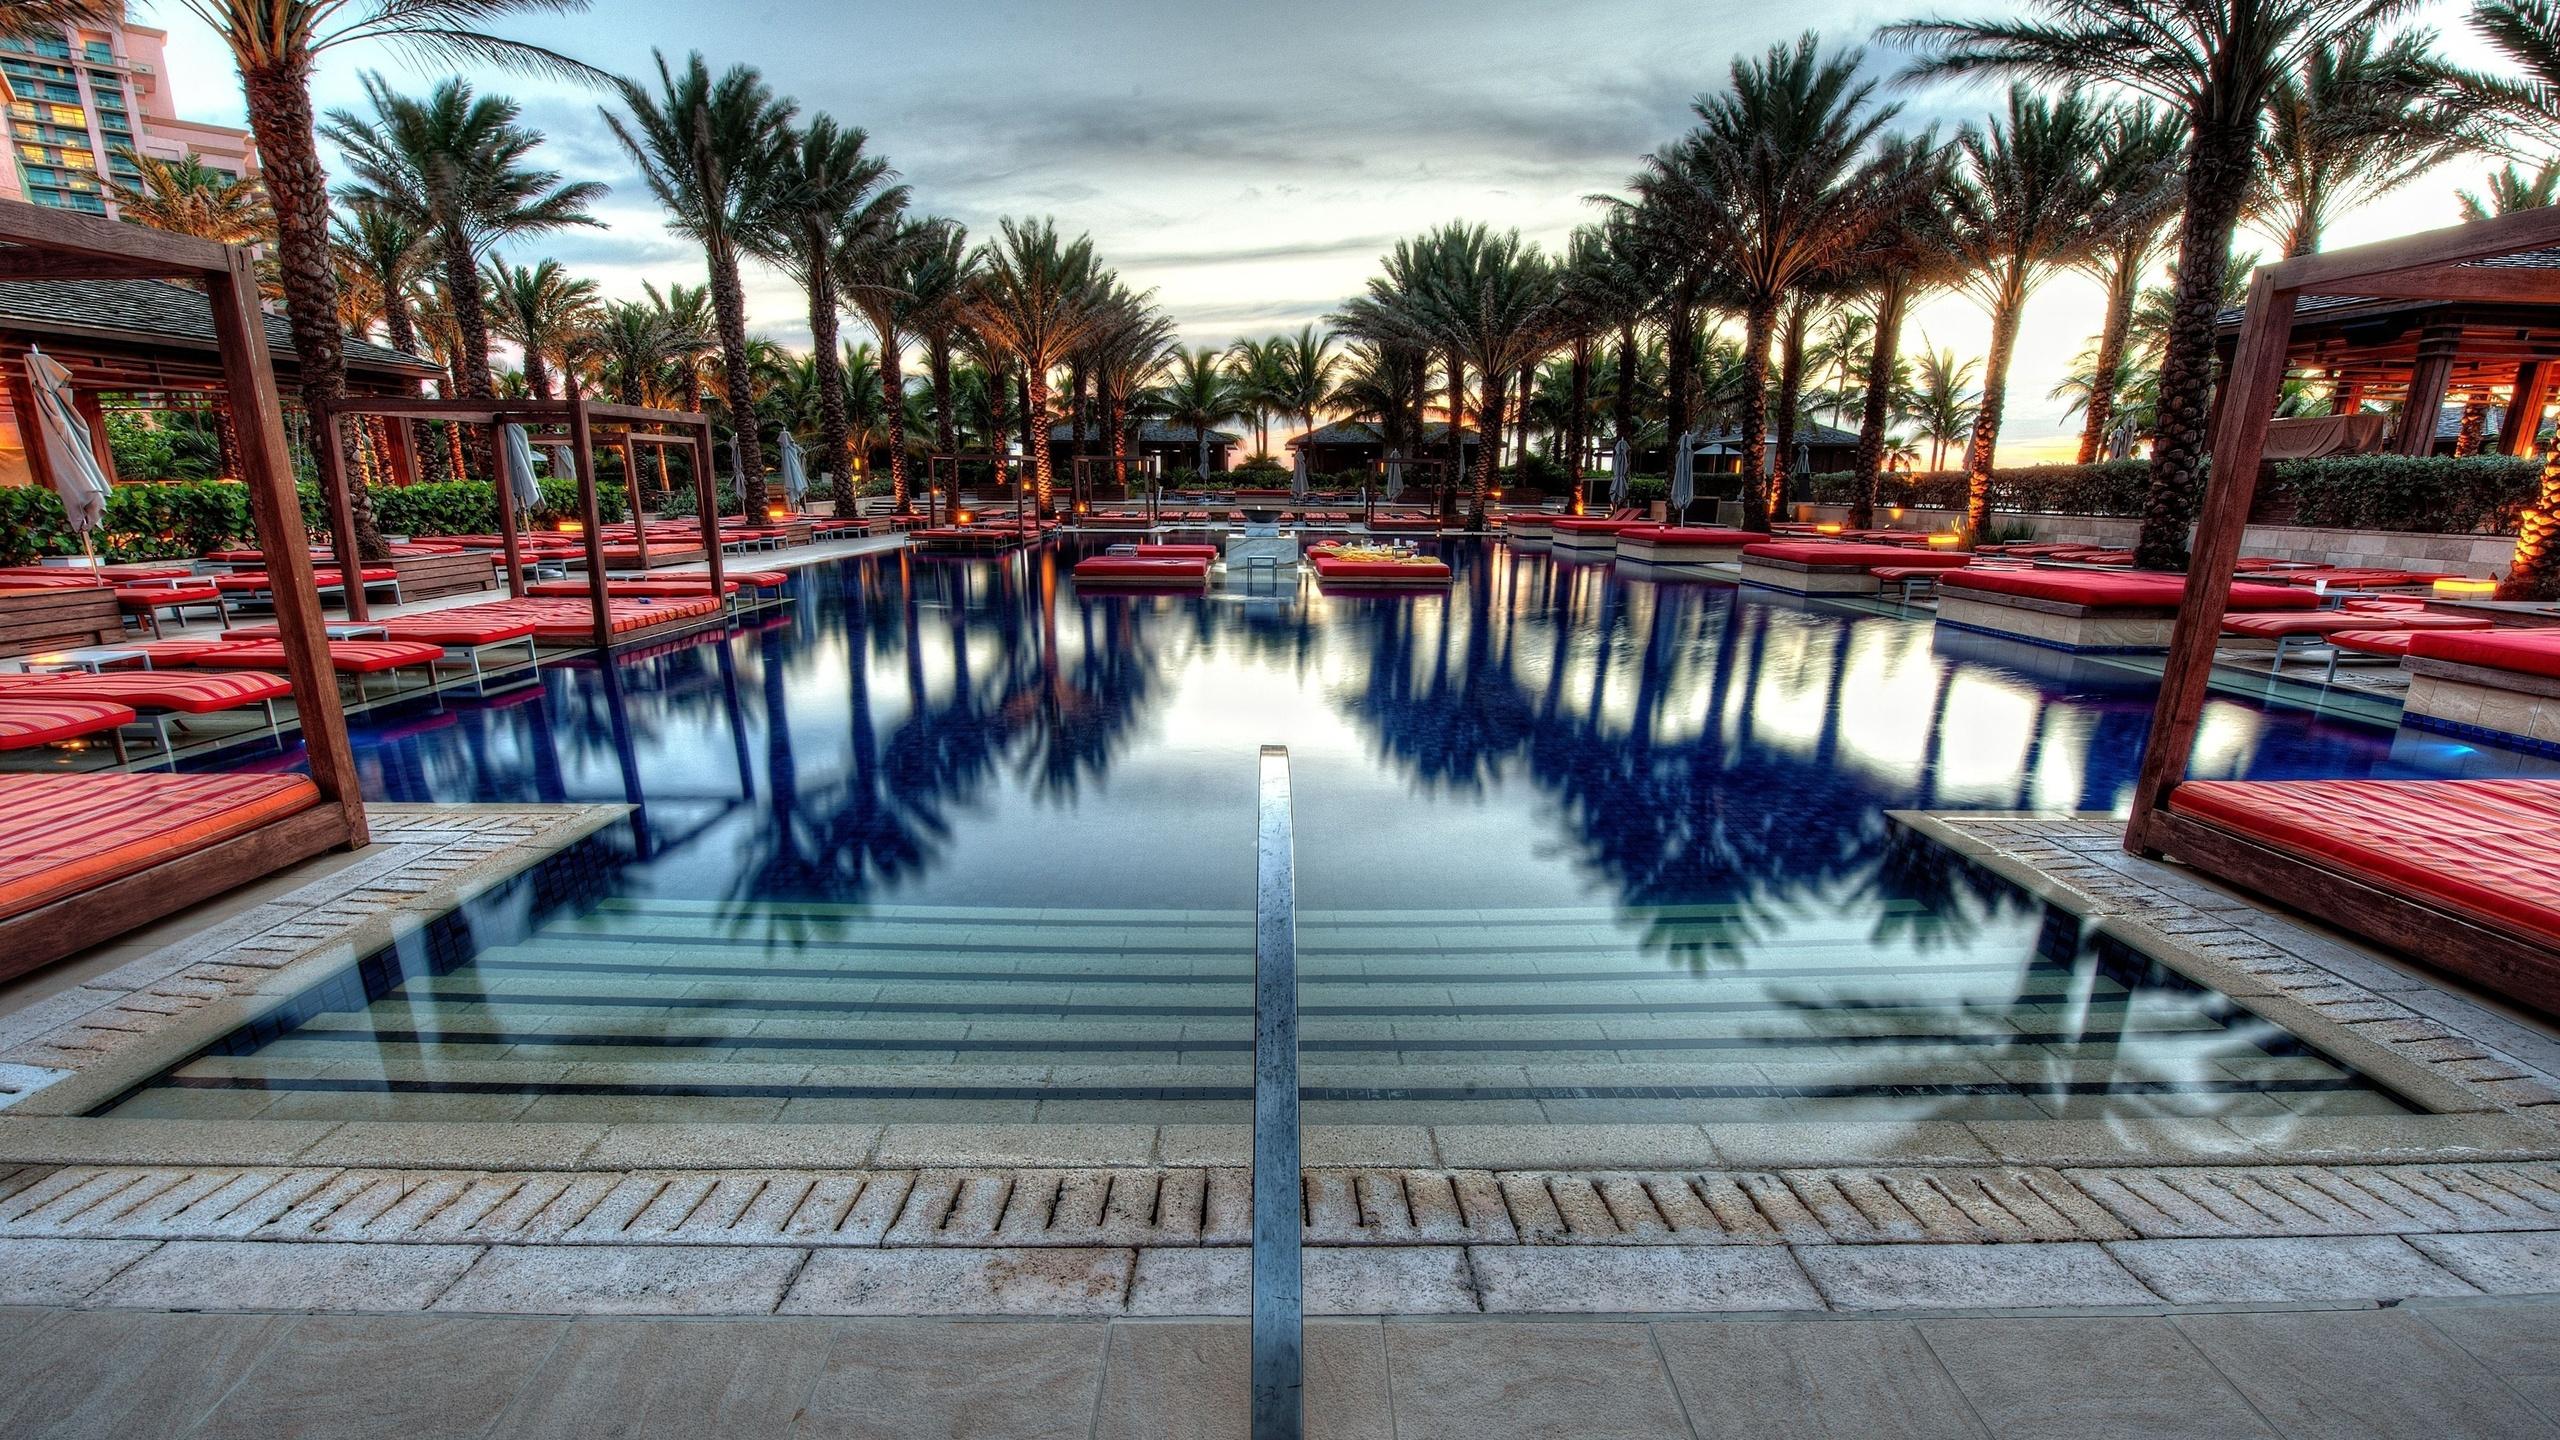 бассейн, пальмы, багамские острова